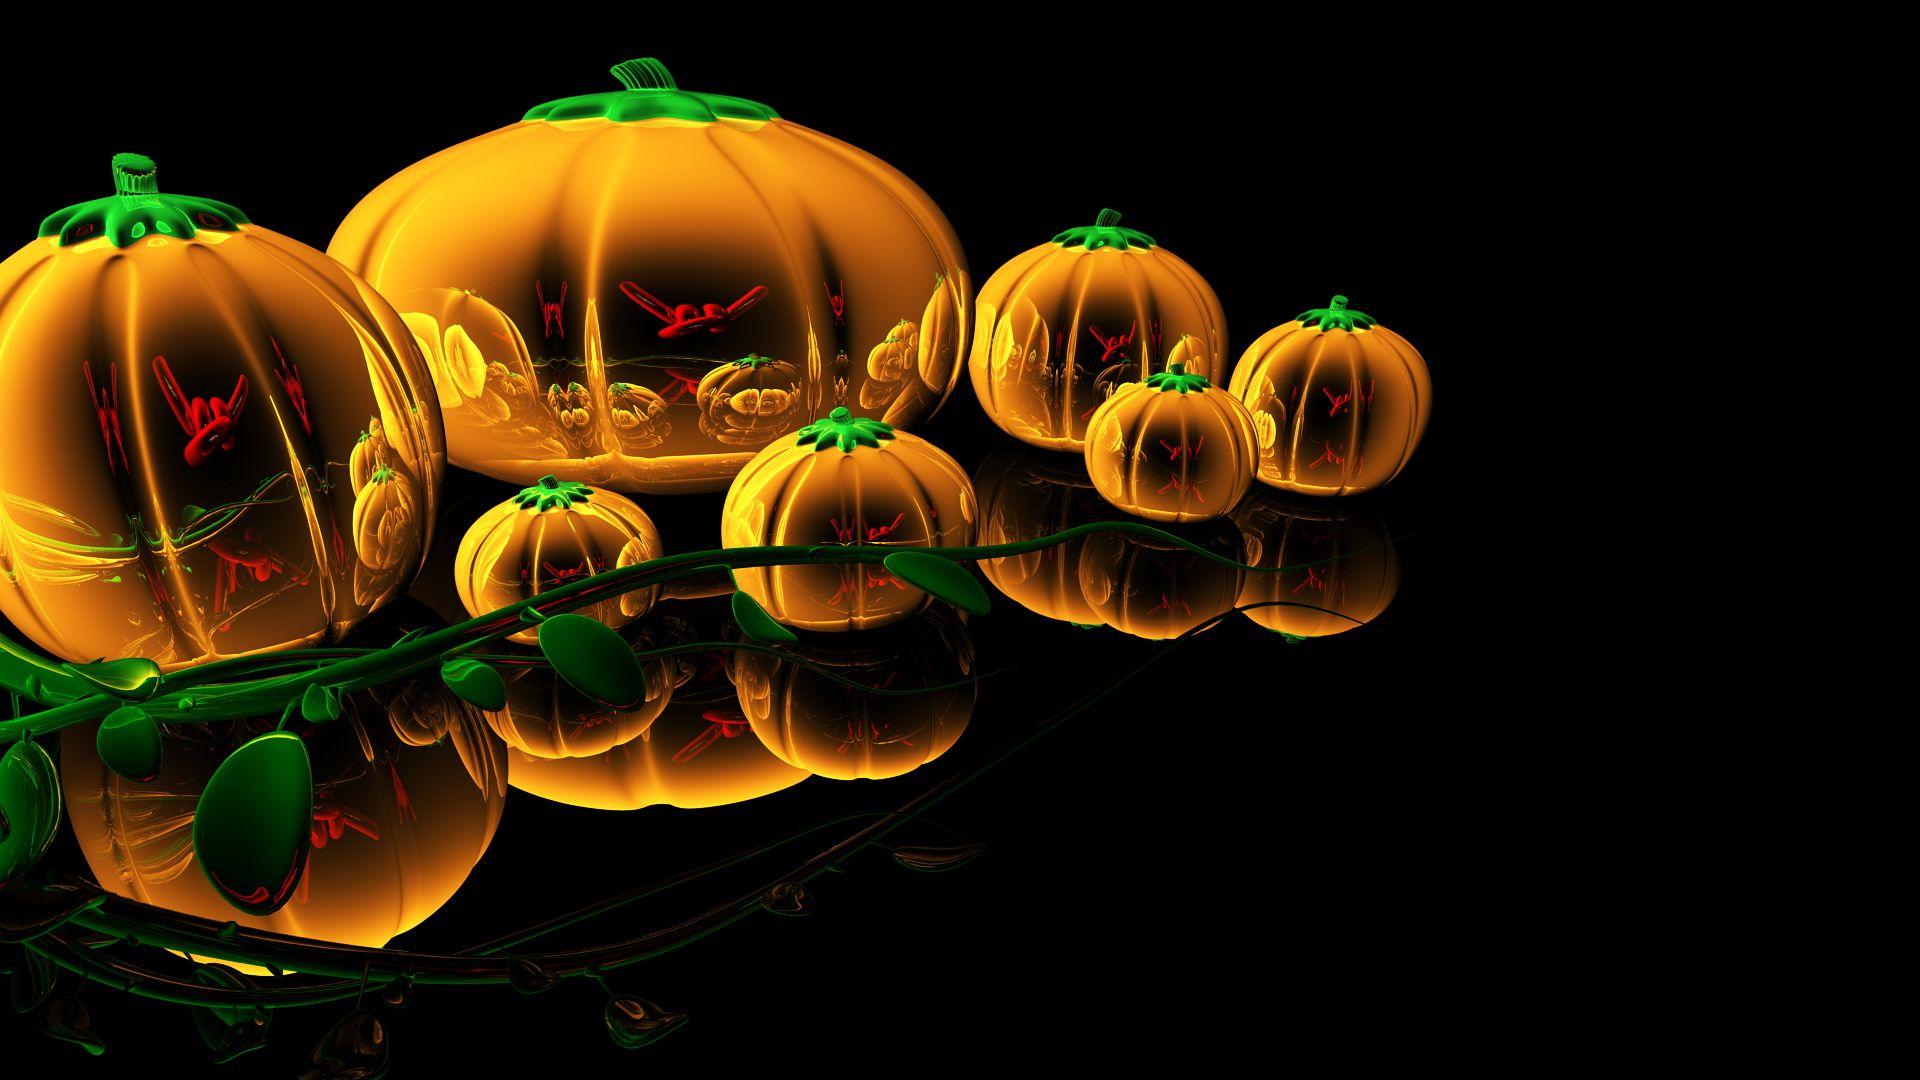 Fantastic Wallpaper Halloween Home Screen - e3a7ef7d08a287fc83e2aa0d96147aed  2018_933017.jpg